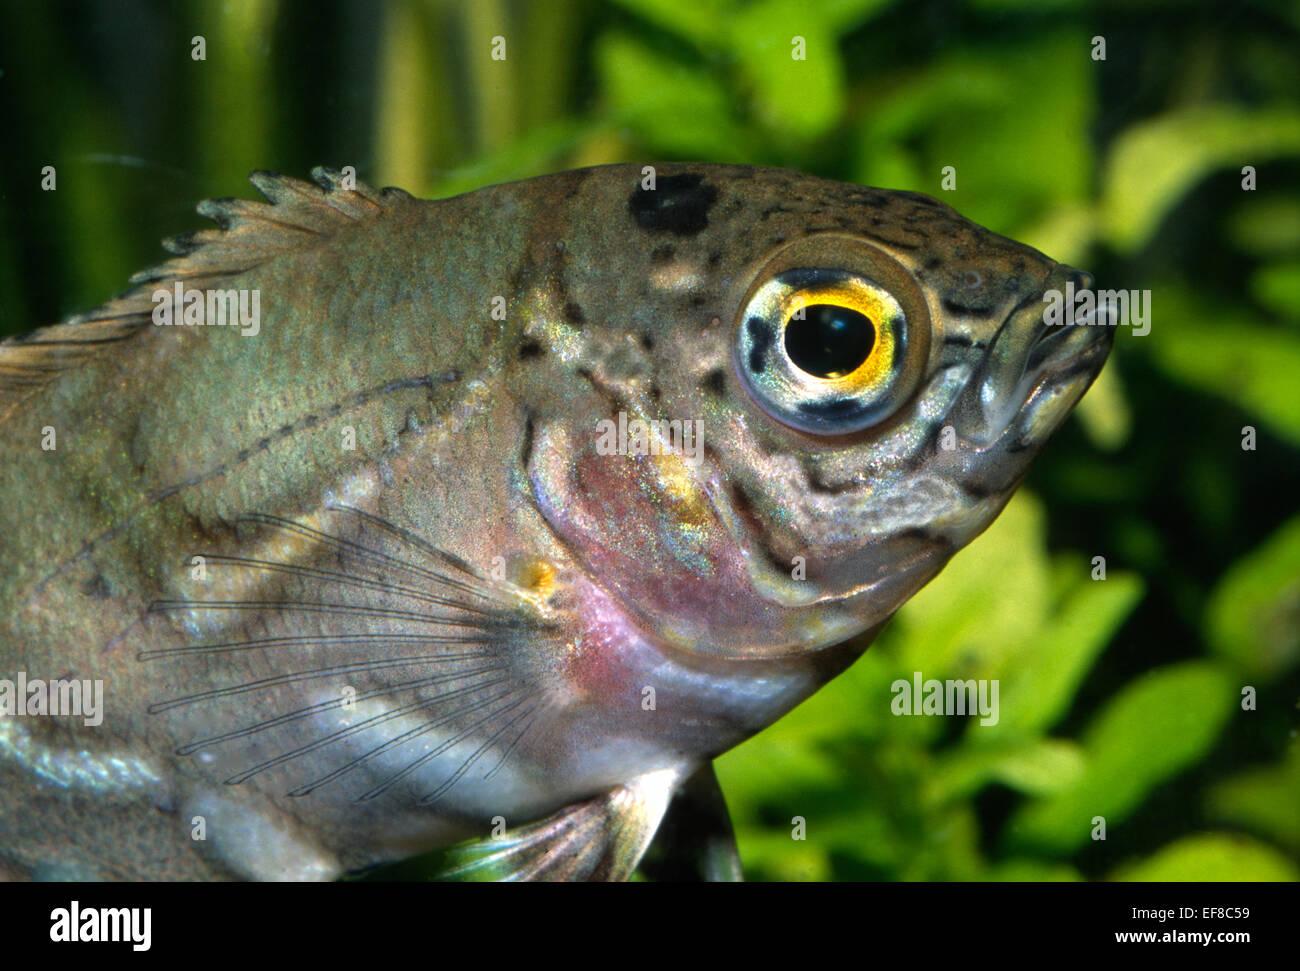 Junge Oscar Astronotus Ocellatus Buntbarsche, Südamerika Stockbild